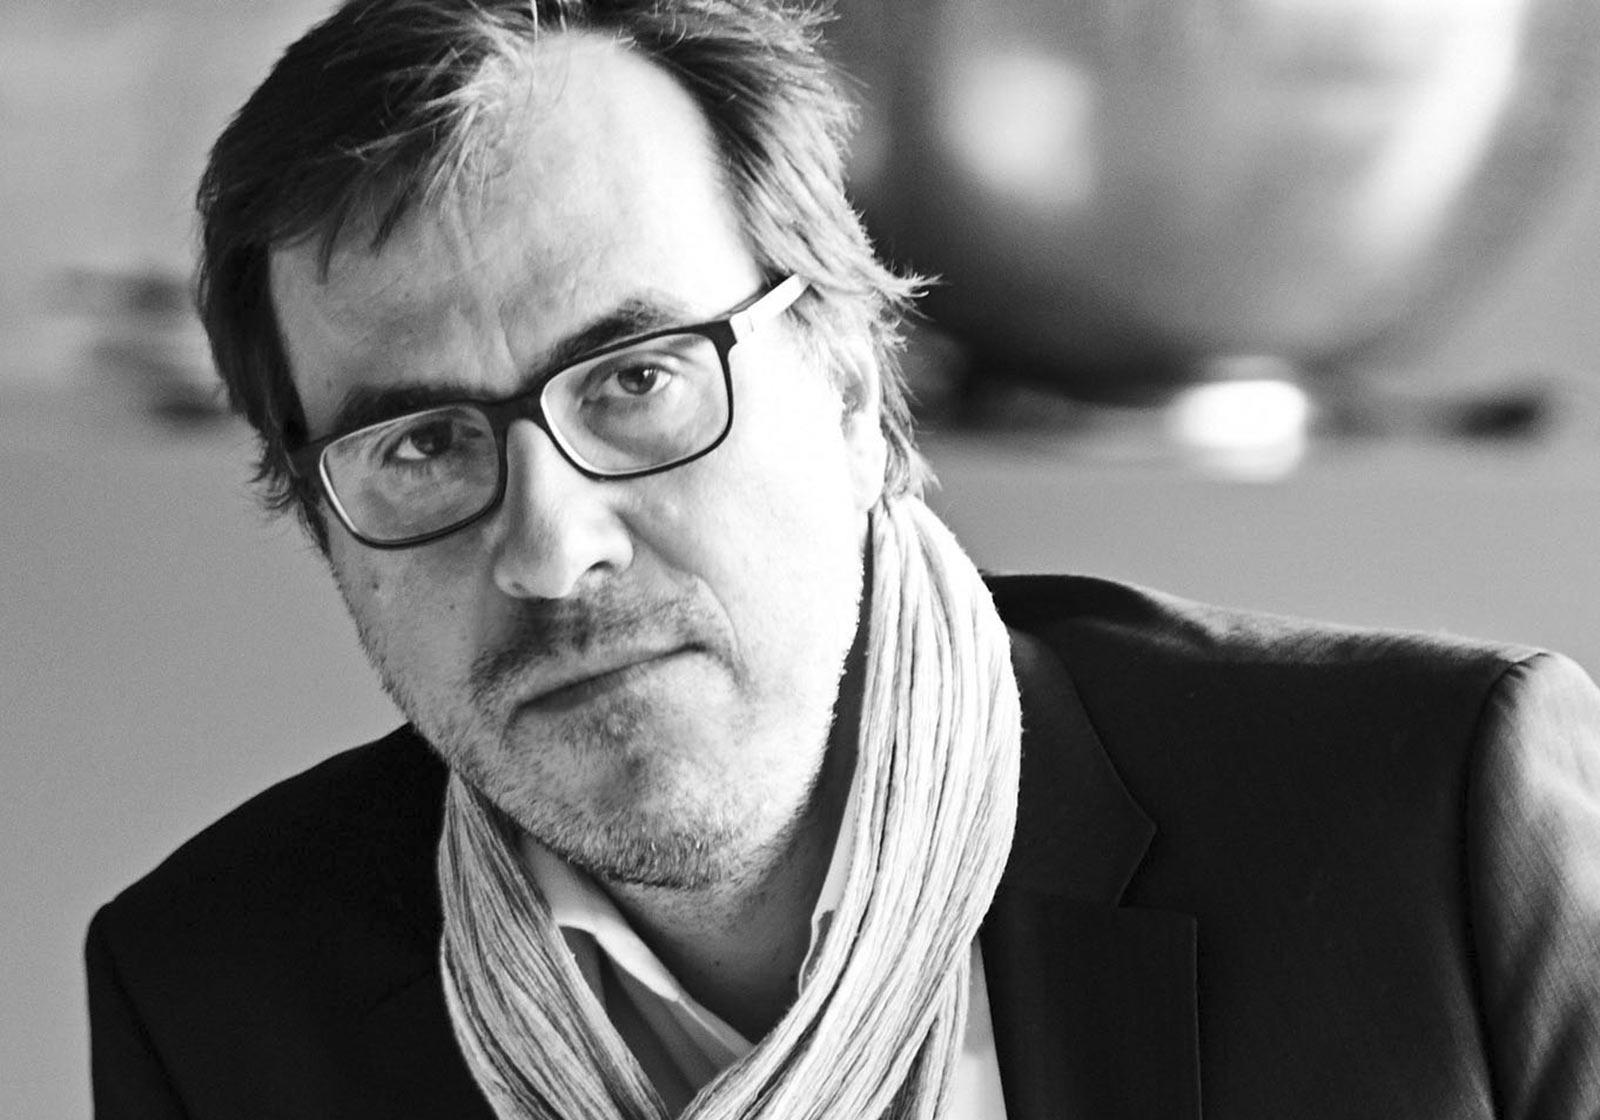 Architekt Florian Beck, Head of Design bei ATP architekten ingenieure (München). Foto: ATP/Olaf Becker